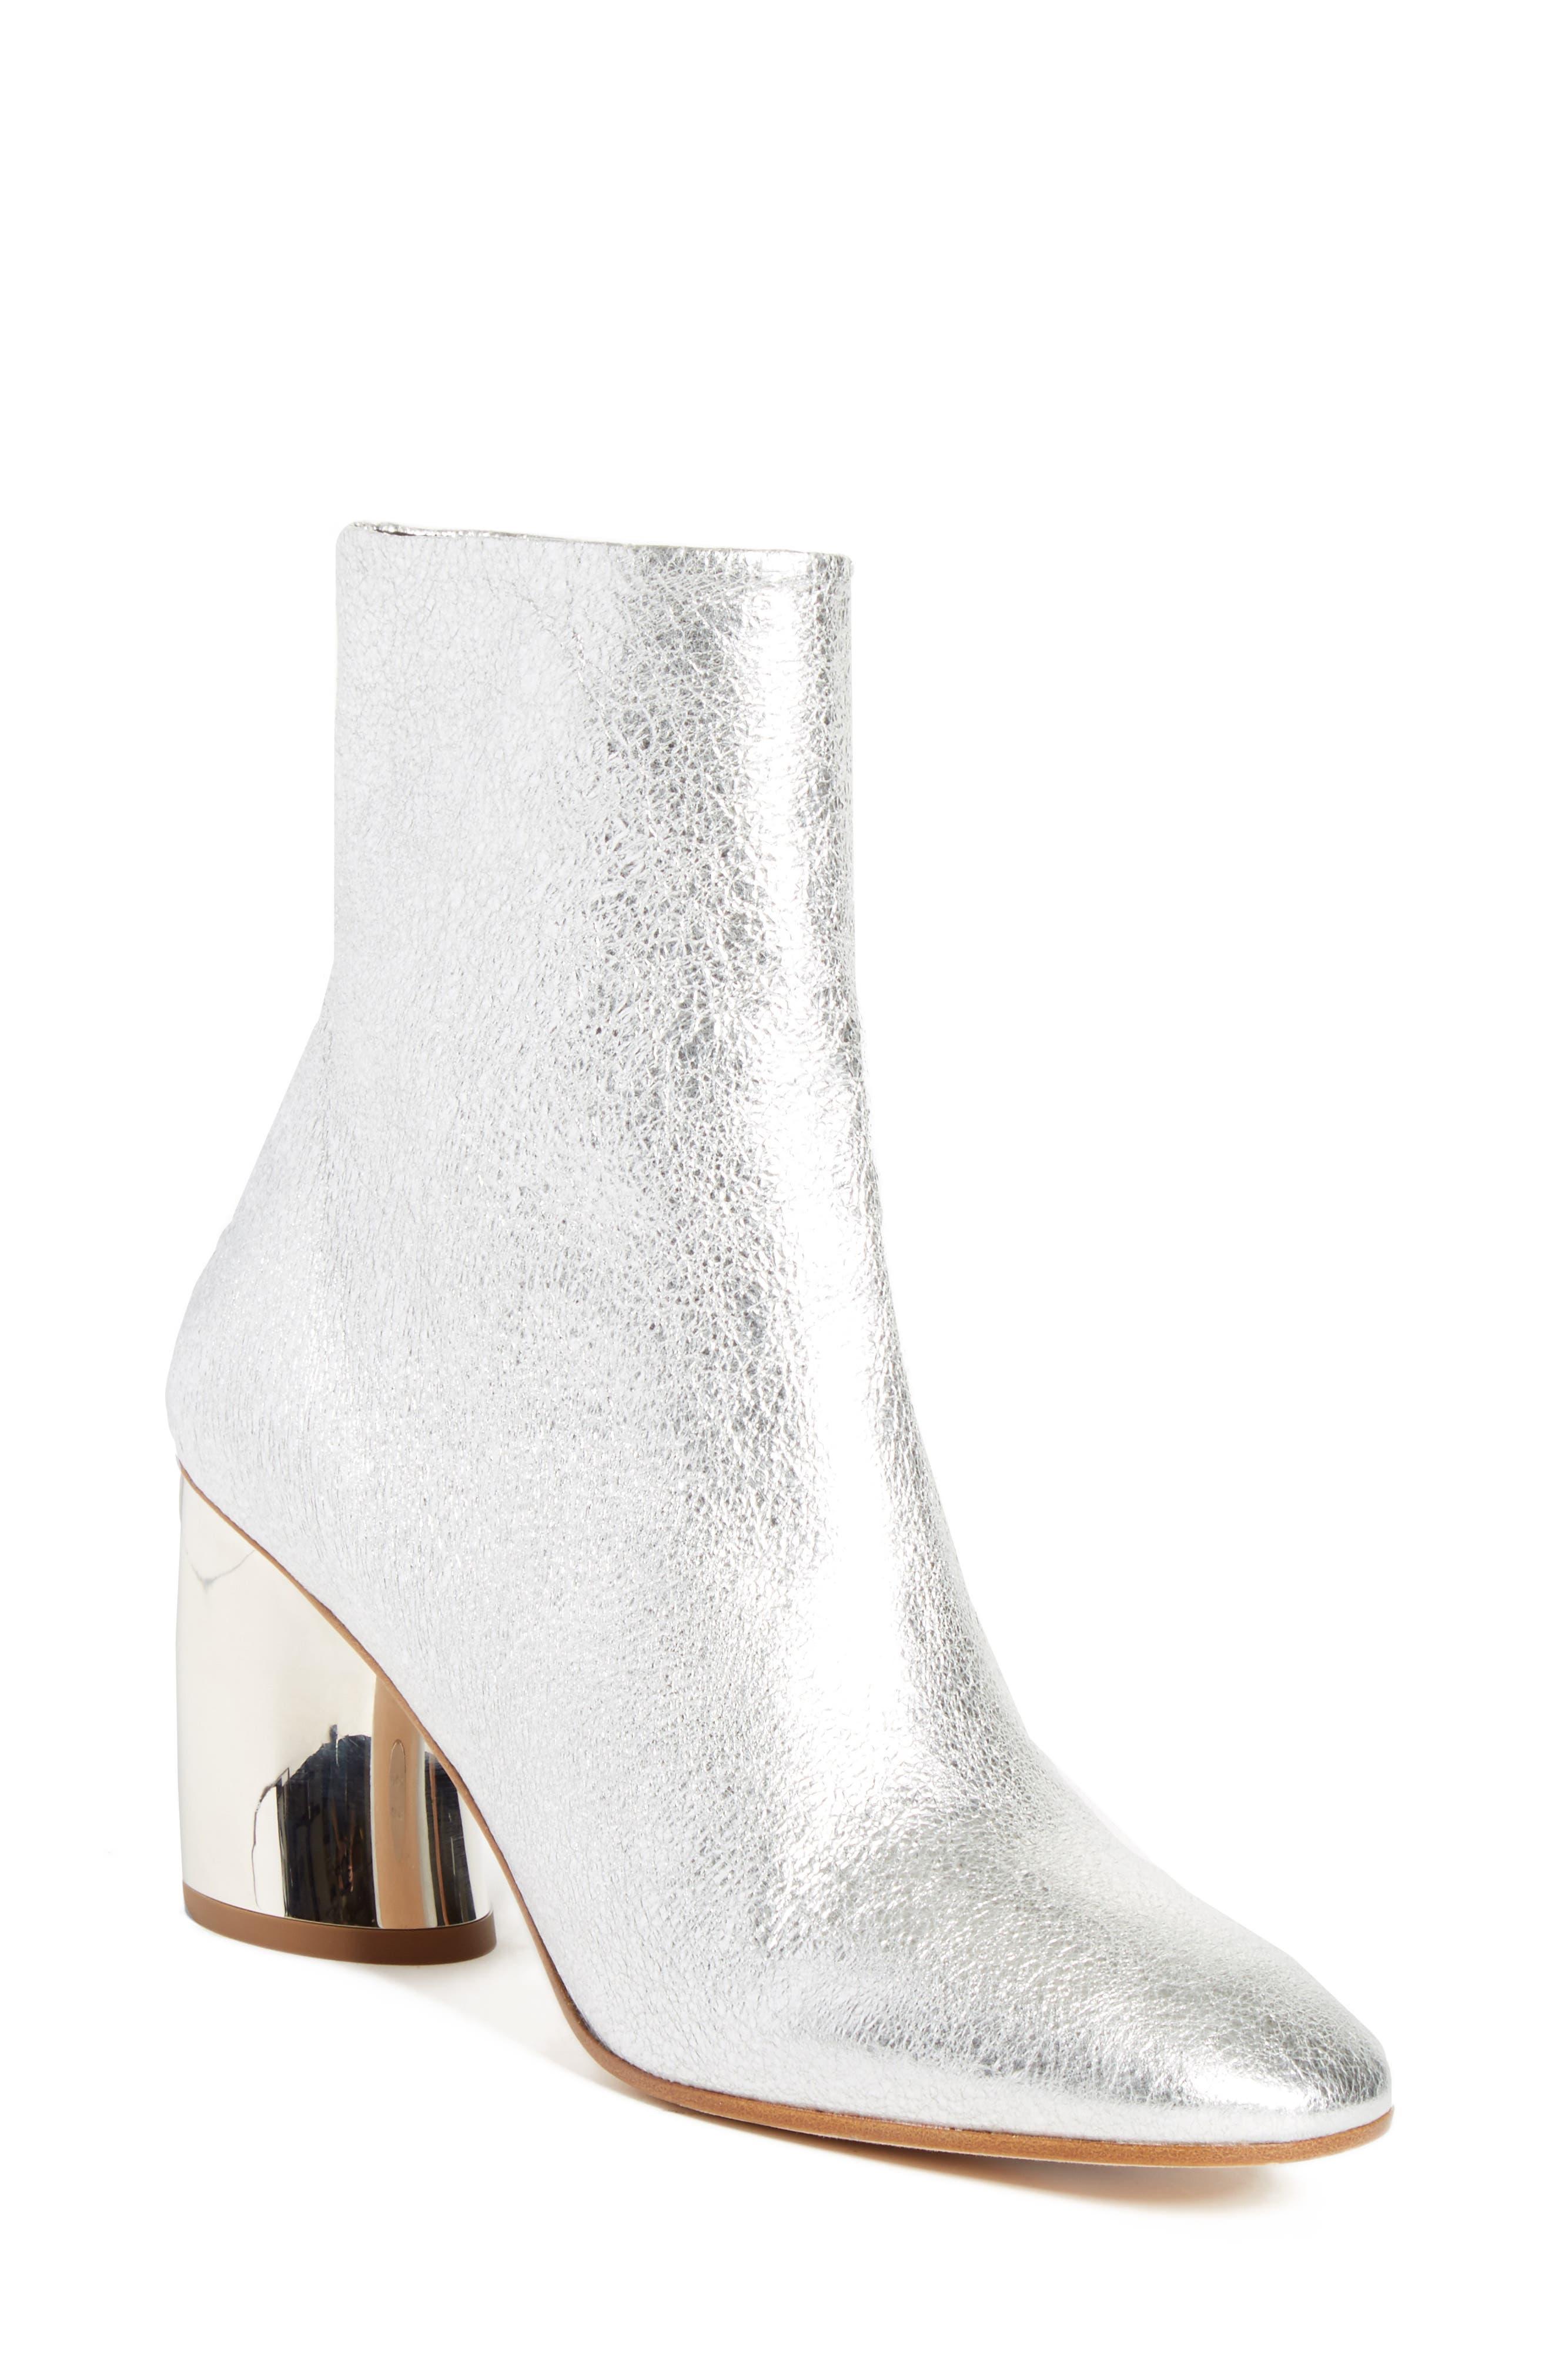 Proenza Schouler Mirrored Heel Bootie (Women)